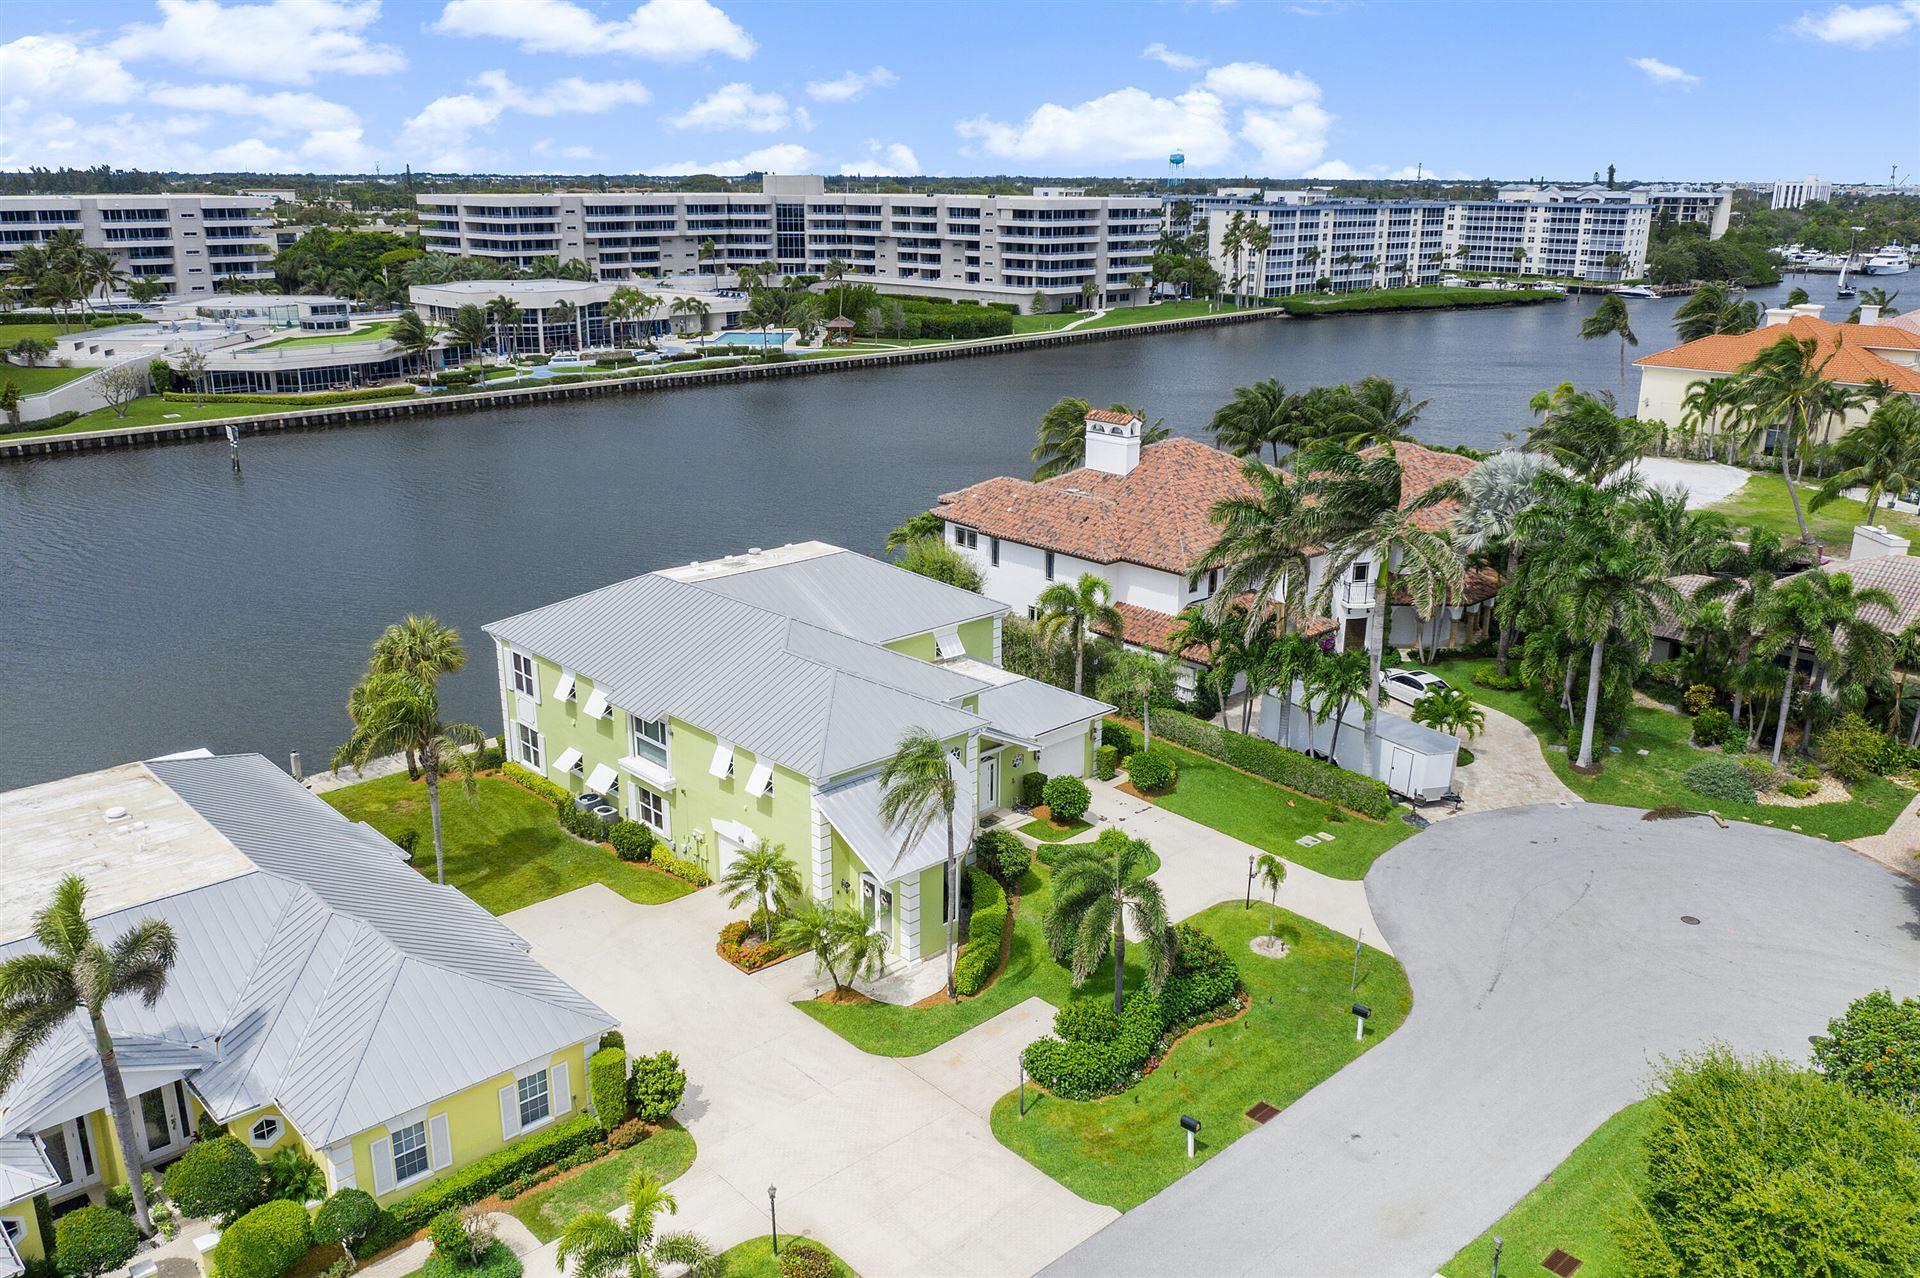 Photo of 1704 Del Haven Drive, Delray Beach, FL 33483 (MLS # RX-10699004)